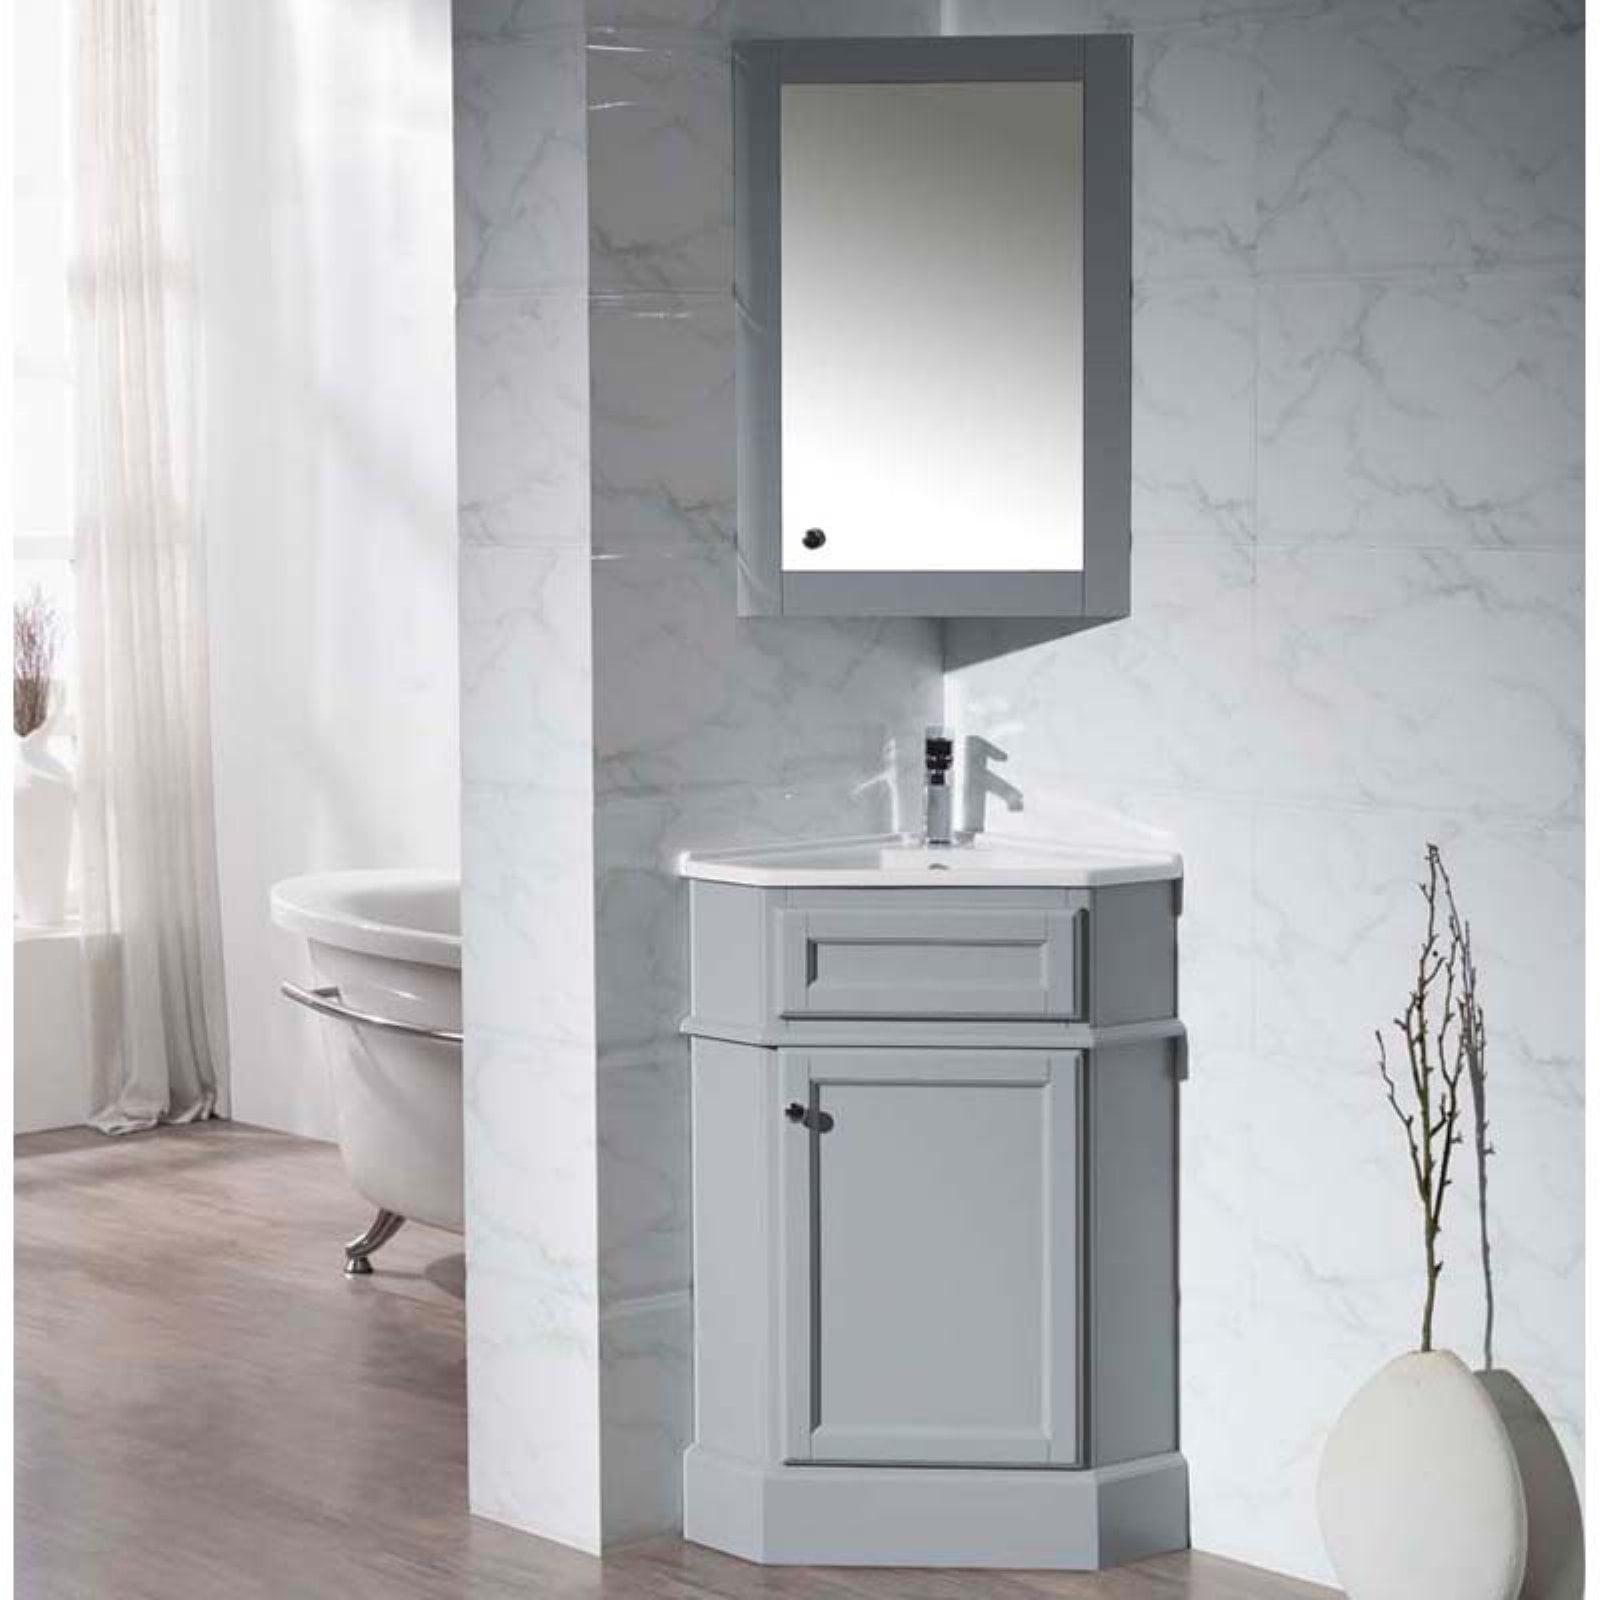 Stufurhome Hampton 27 in. Corner Bathroom Vanity with Medicine Cabinet